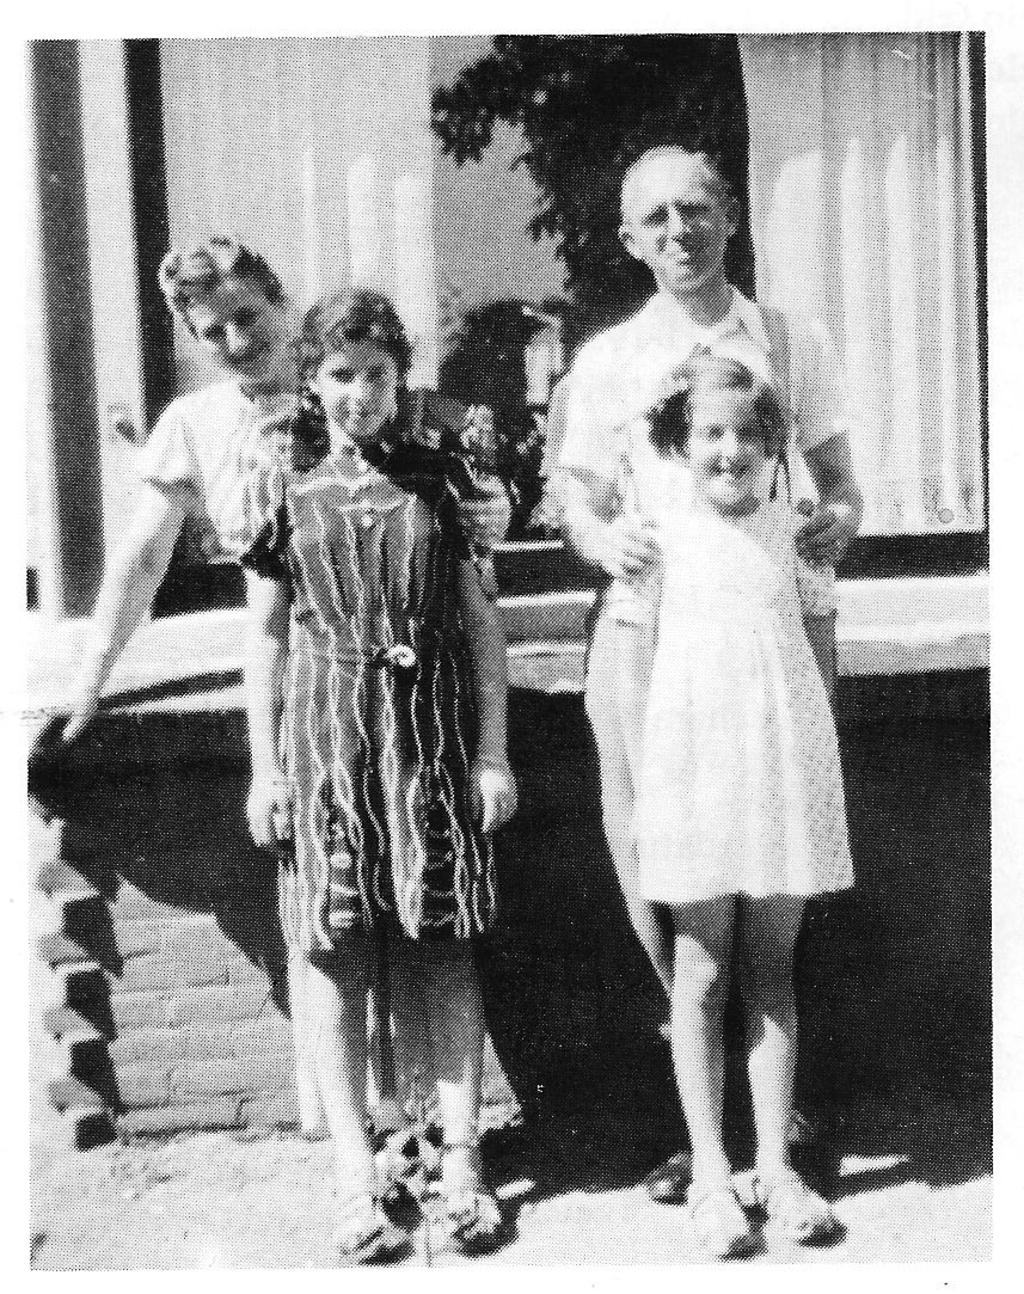 Fam. Löwenhardt na de oorlog herenigd. Foto: Archief Willy Hermans  © Achterhoek Nieuws b.v.